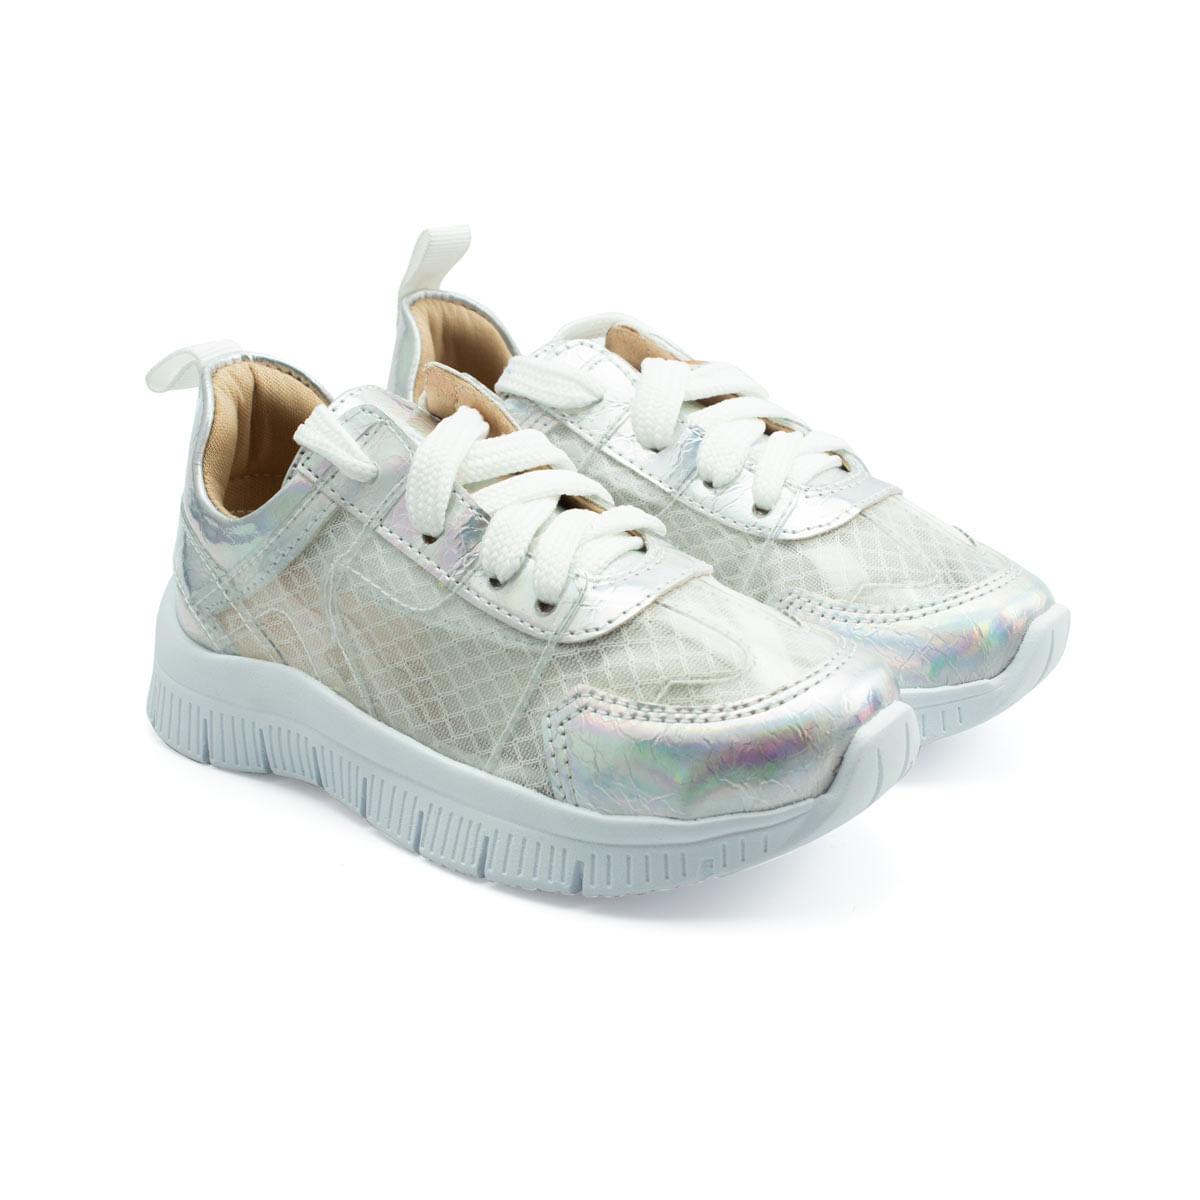 Tenis-infantil-Sneaker-Pecas-de-Vinil-Ludique-et-Badin--22-ao-27--941L-11740--VER21-